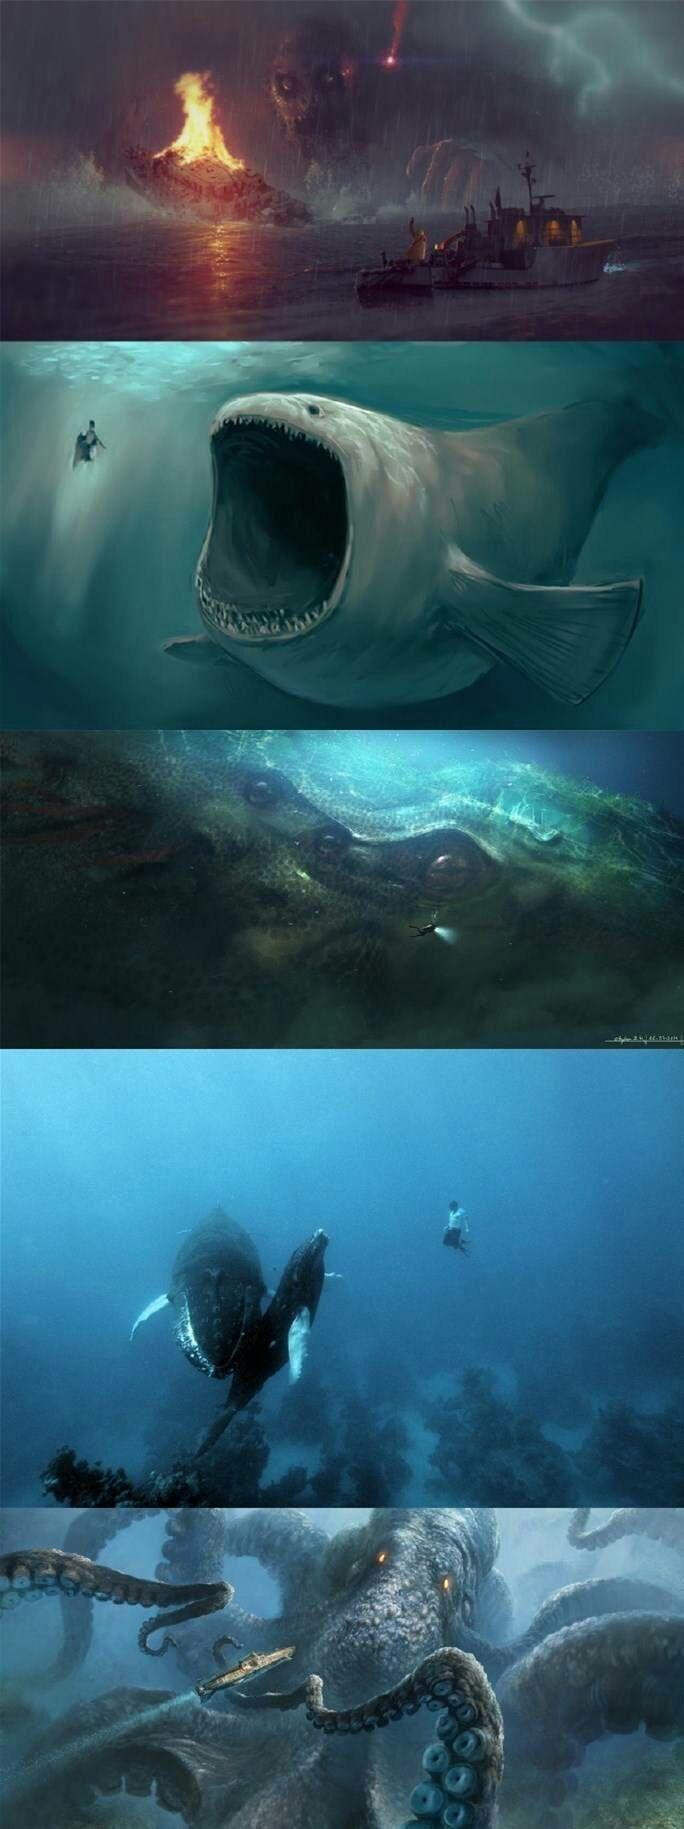 有哪些关于深海或者海怪的图片(越恐怖越诡异越好)?